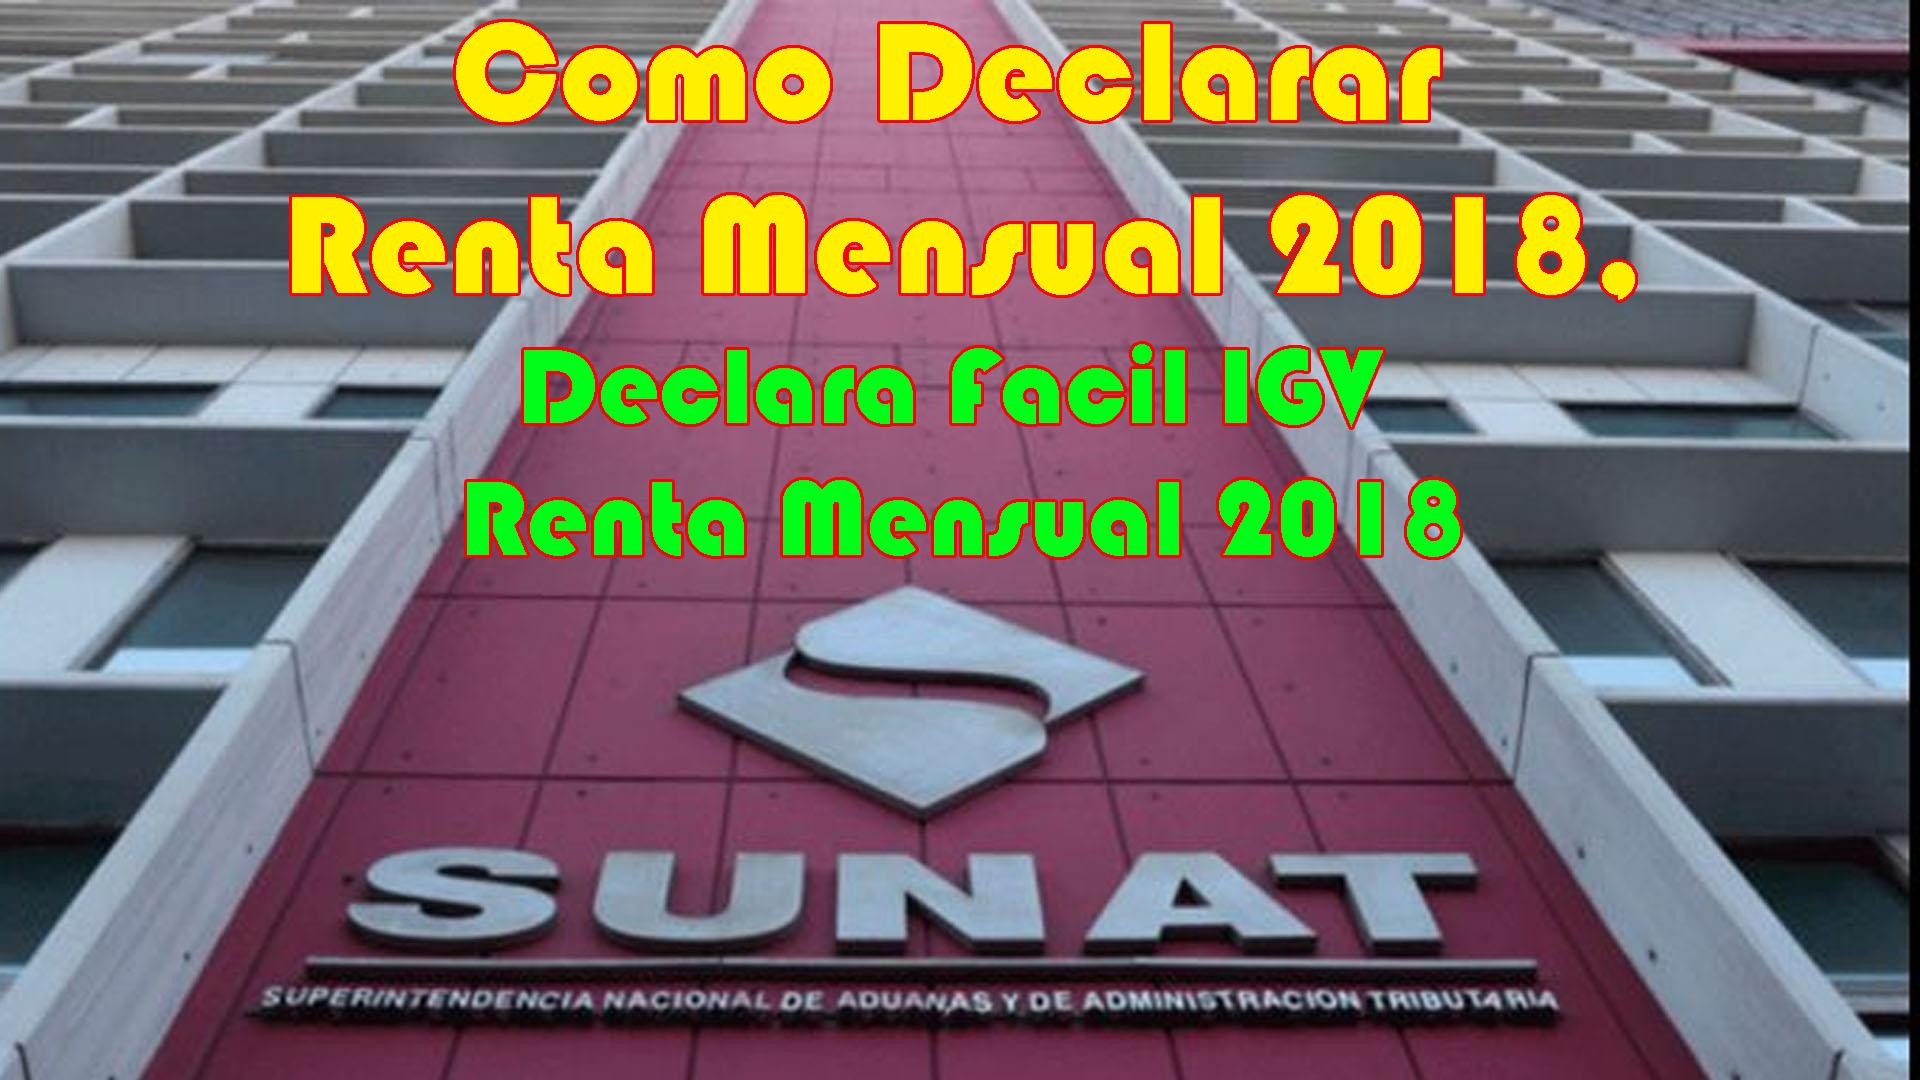 Declaracion Renta Mensual 2018 Como Declarar Renta Mensual 2018 Declara Facil IGV Renta Mensual 2018